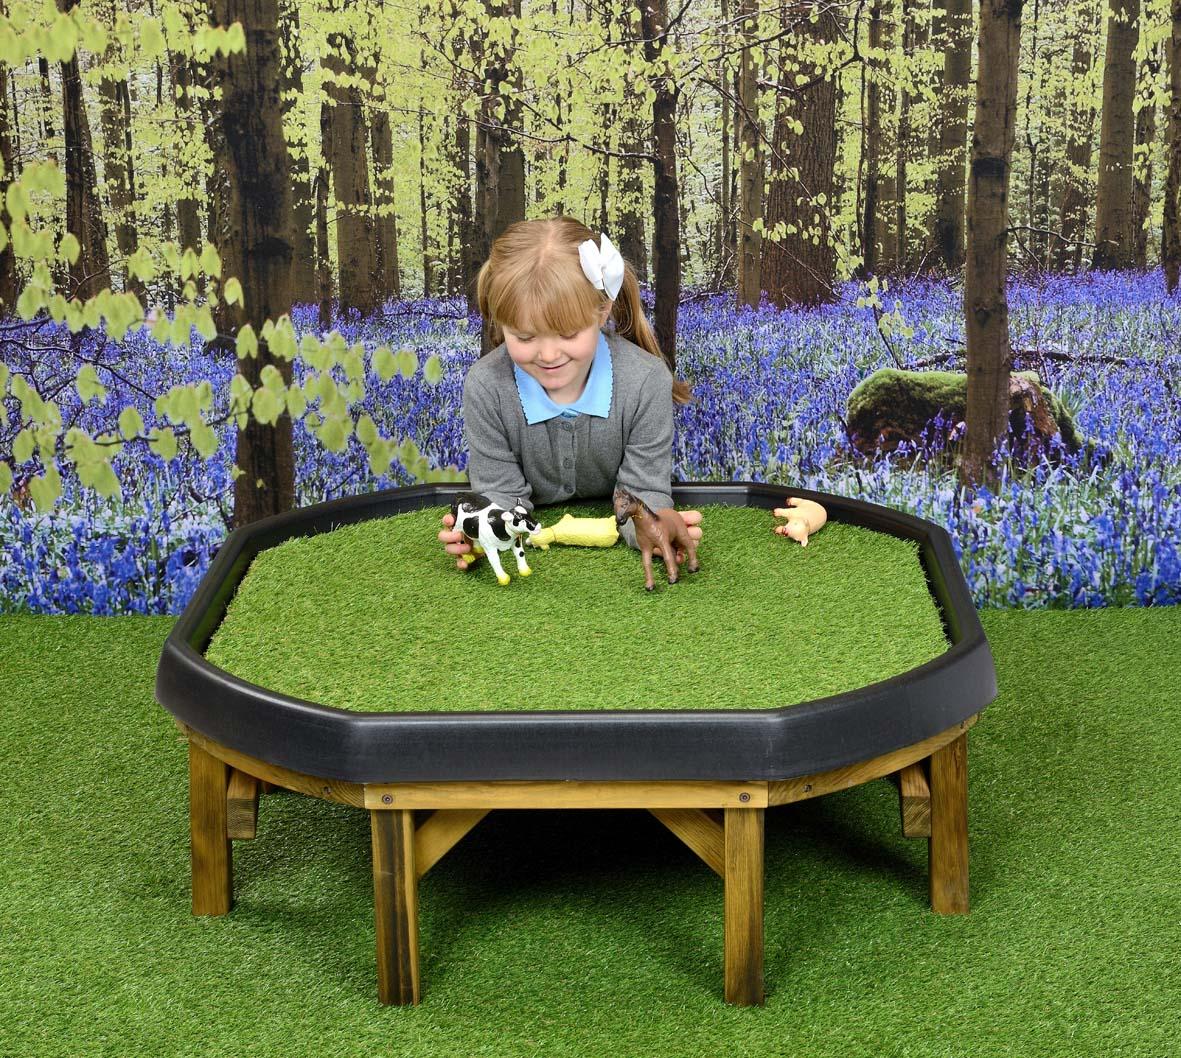 Landscape Grass Stuff Tray Mat Sport And Playbasesport